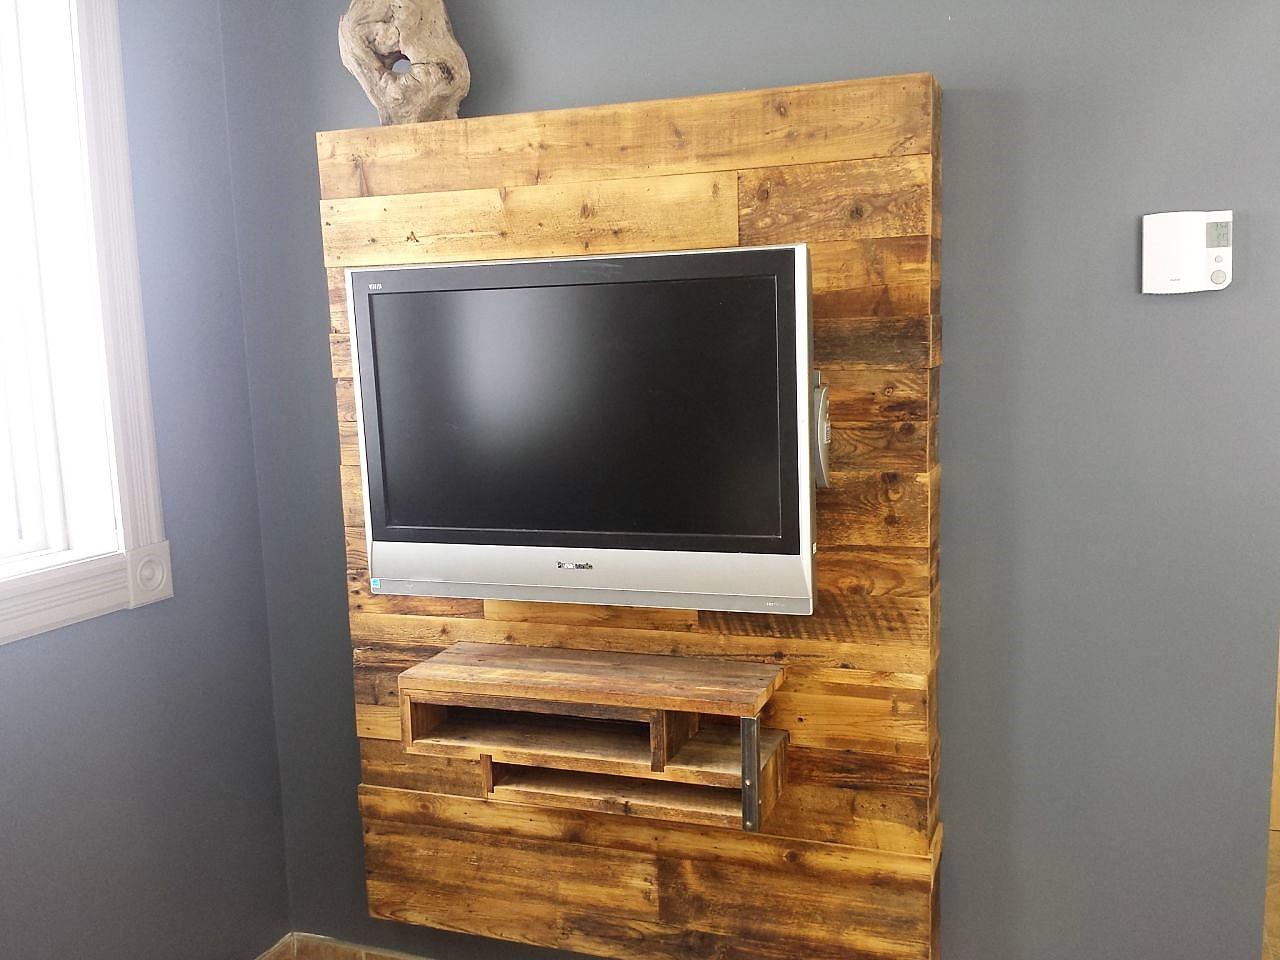 mur multimedia en bois recycle